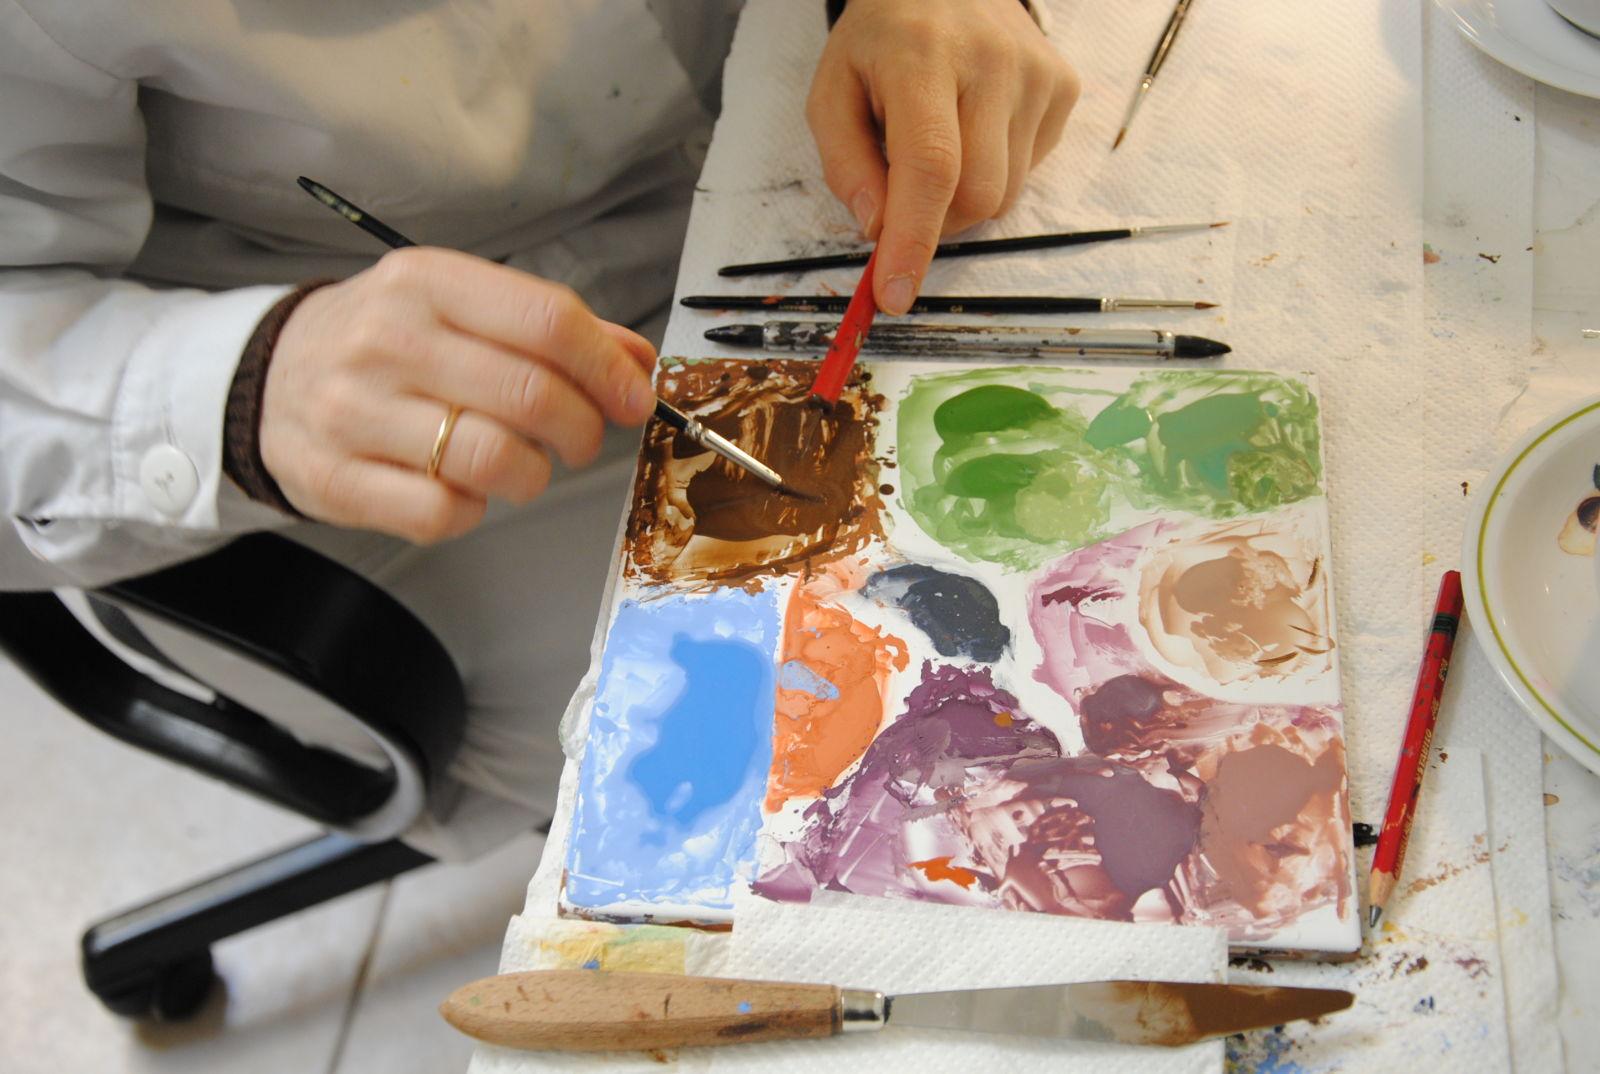 2009 02 01 20.28.30 Decorage di Navoni Rosella   artigiana del decoro